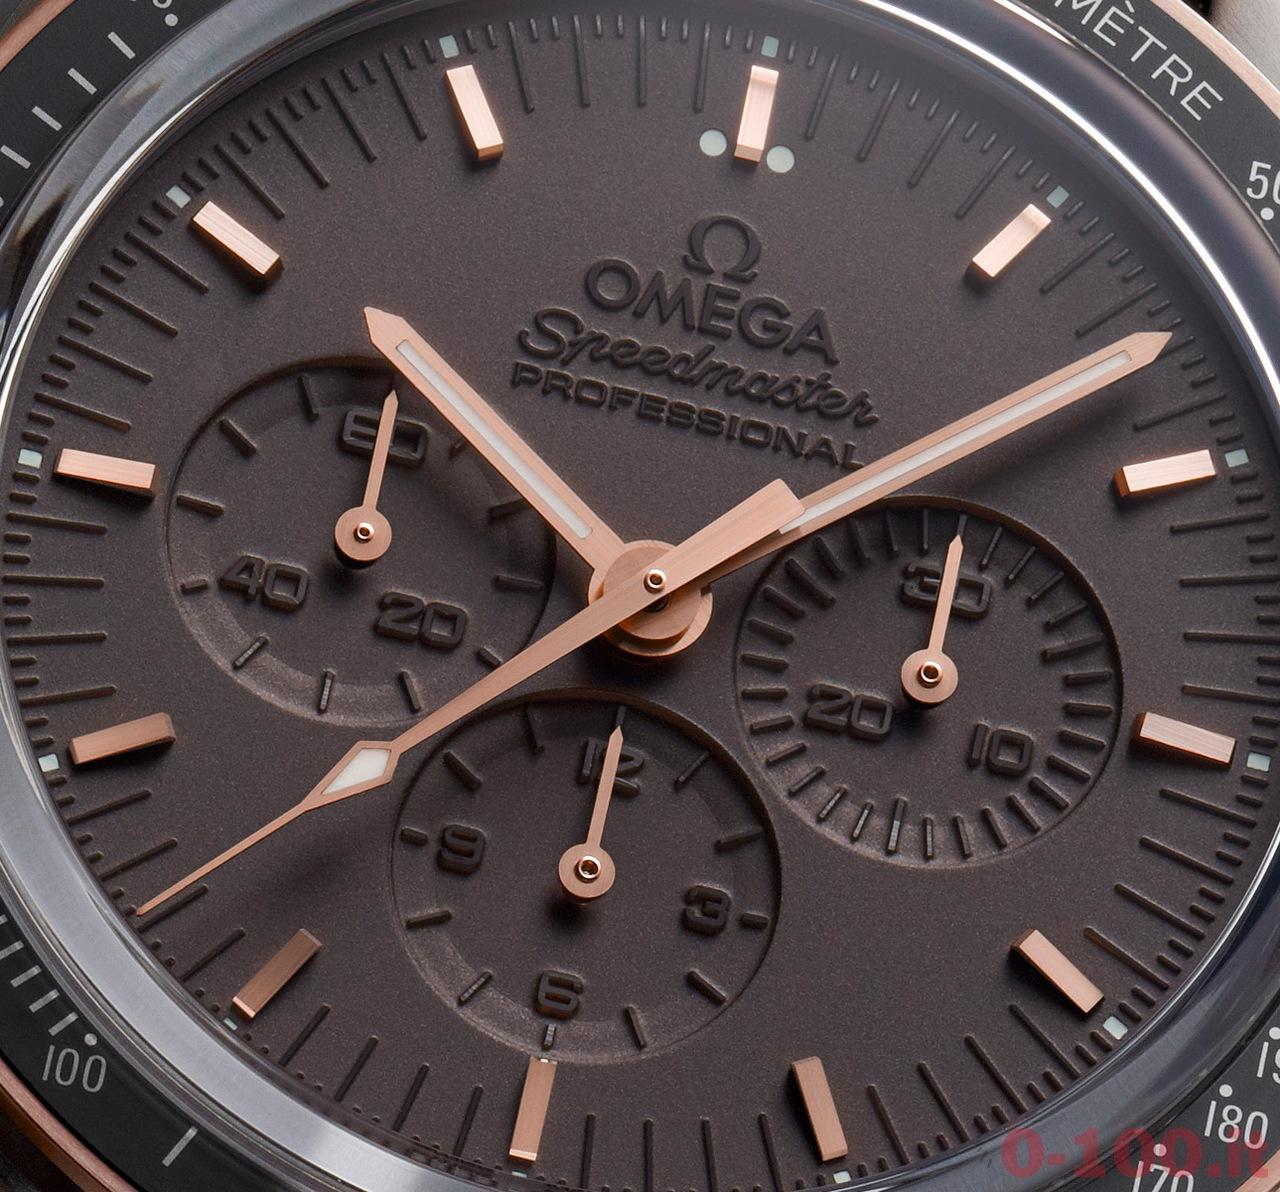 omega-speedmaster-professional-apollo-11-edizione-limitata-45-anniversario-prezzo-price-0-100_7